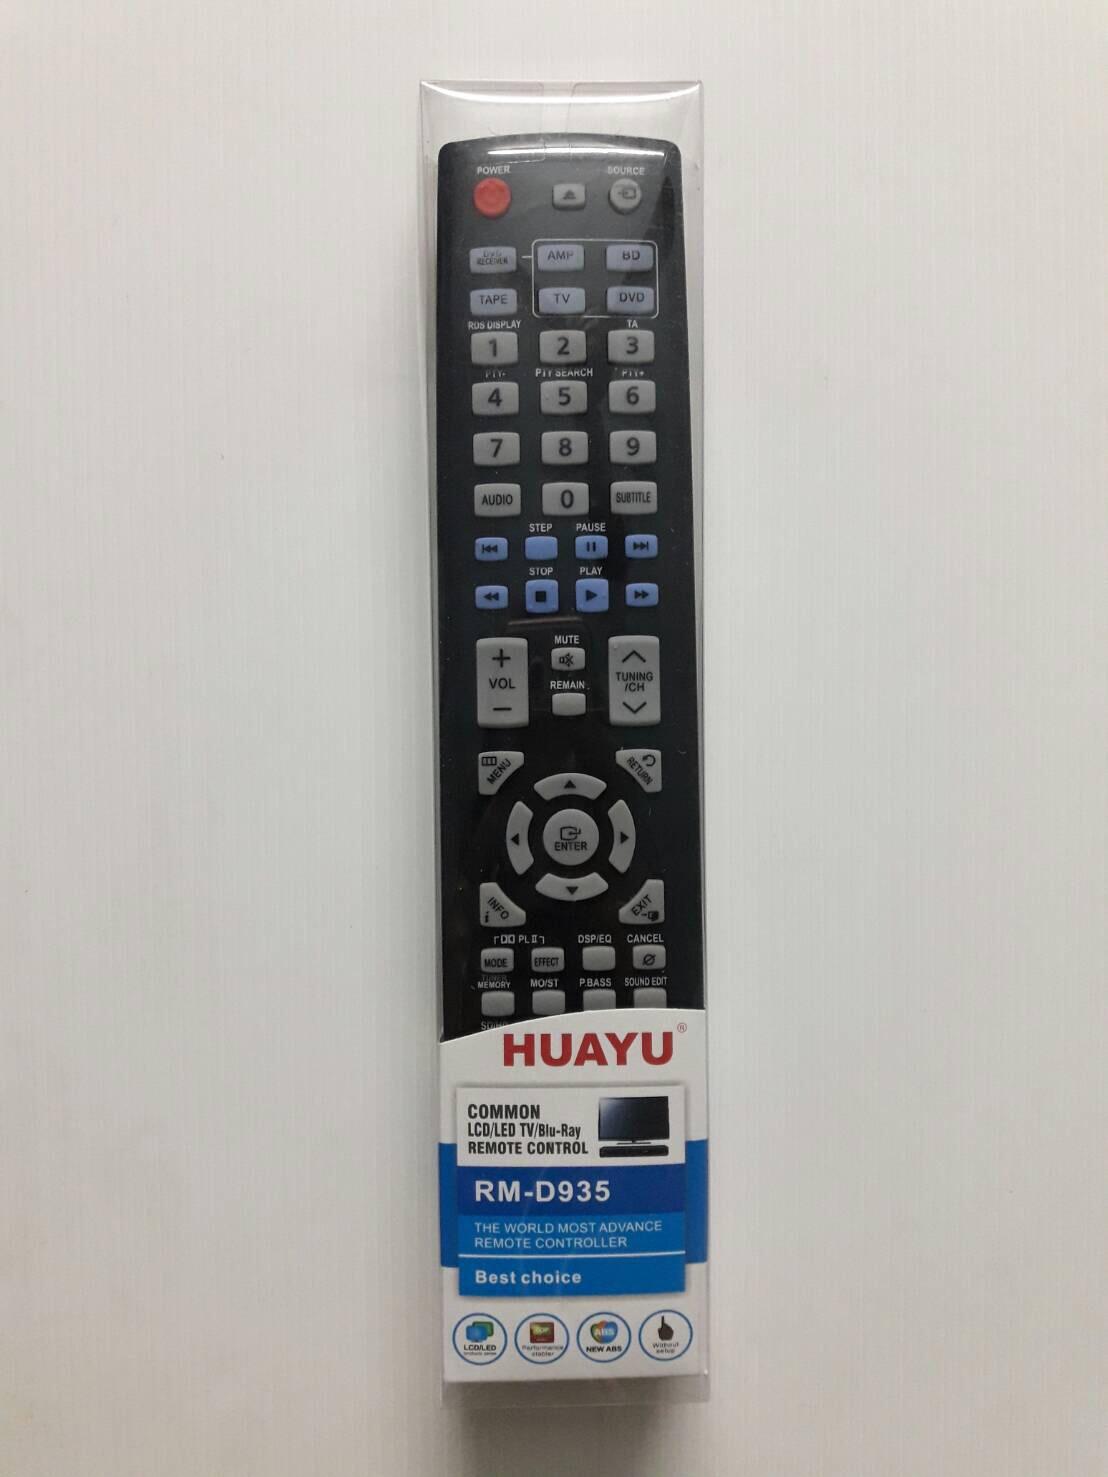 รีโมทรวม LCD LED Samsung ทุกรุ่น Huayu RM-D935